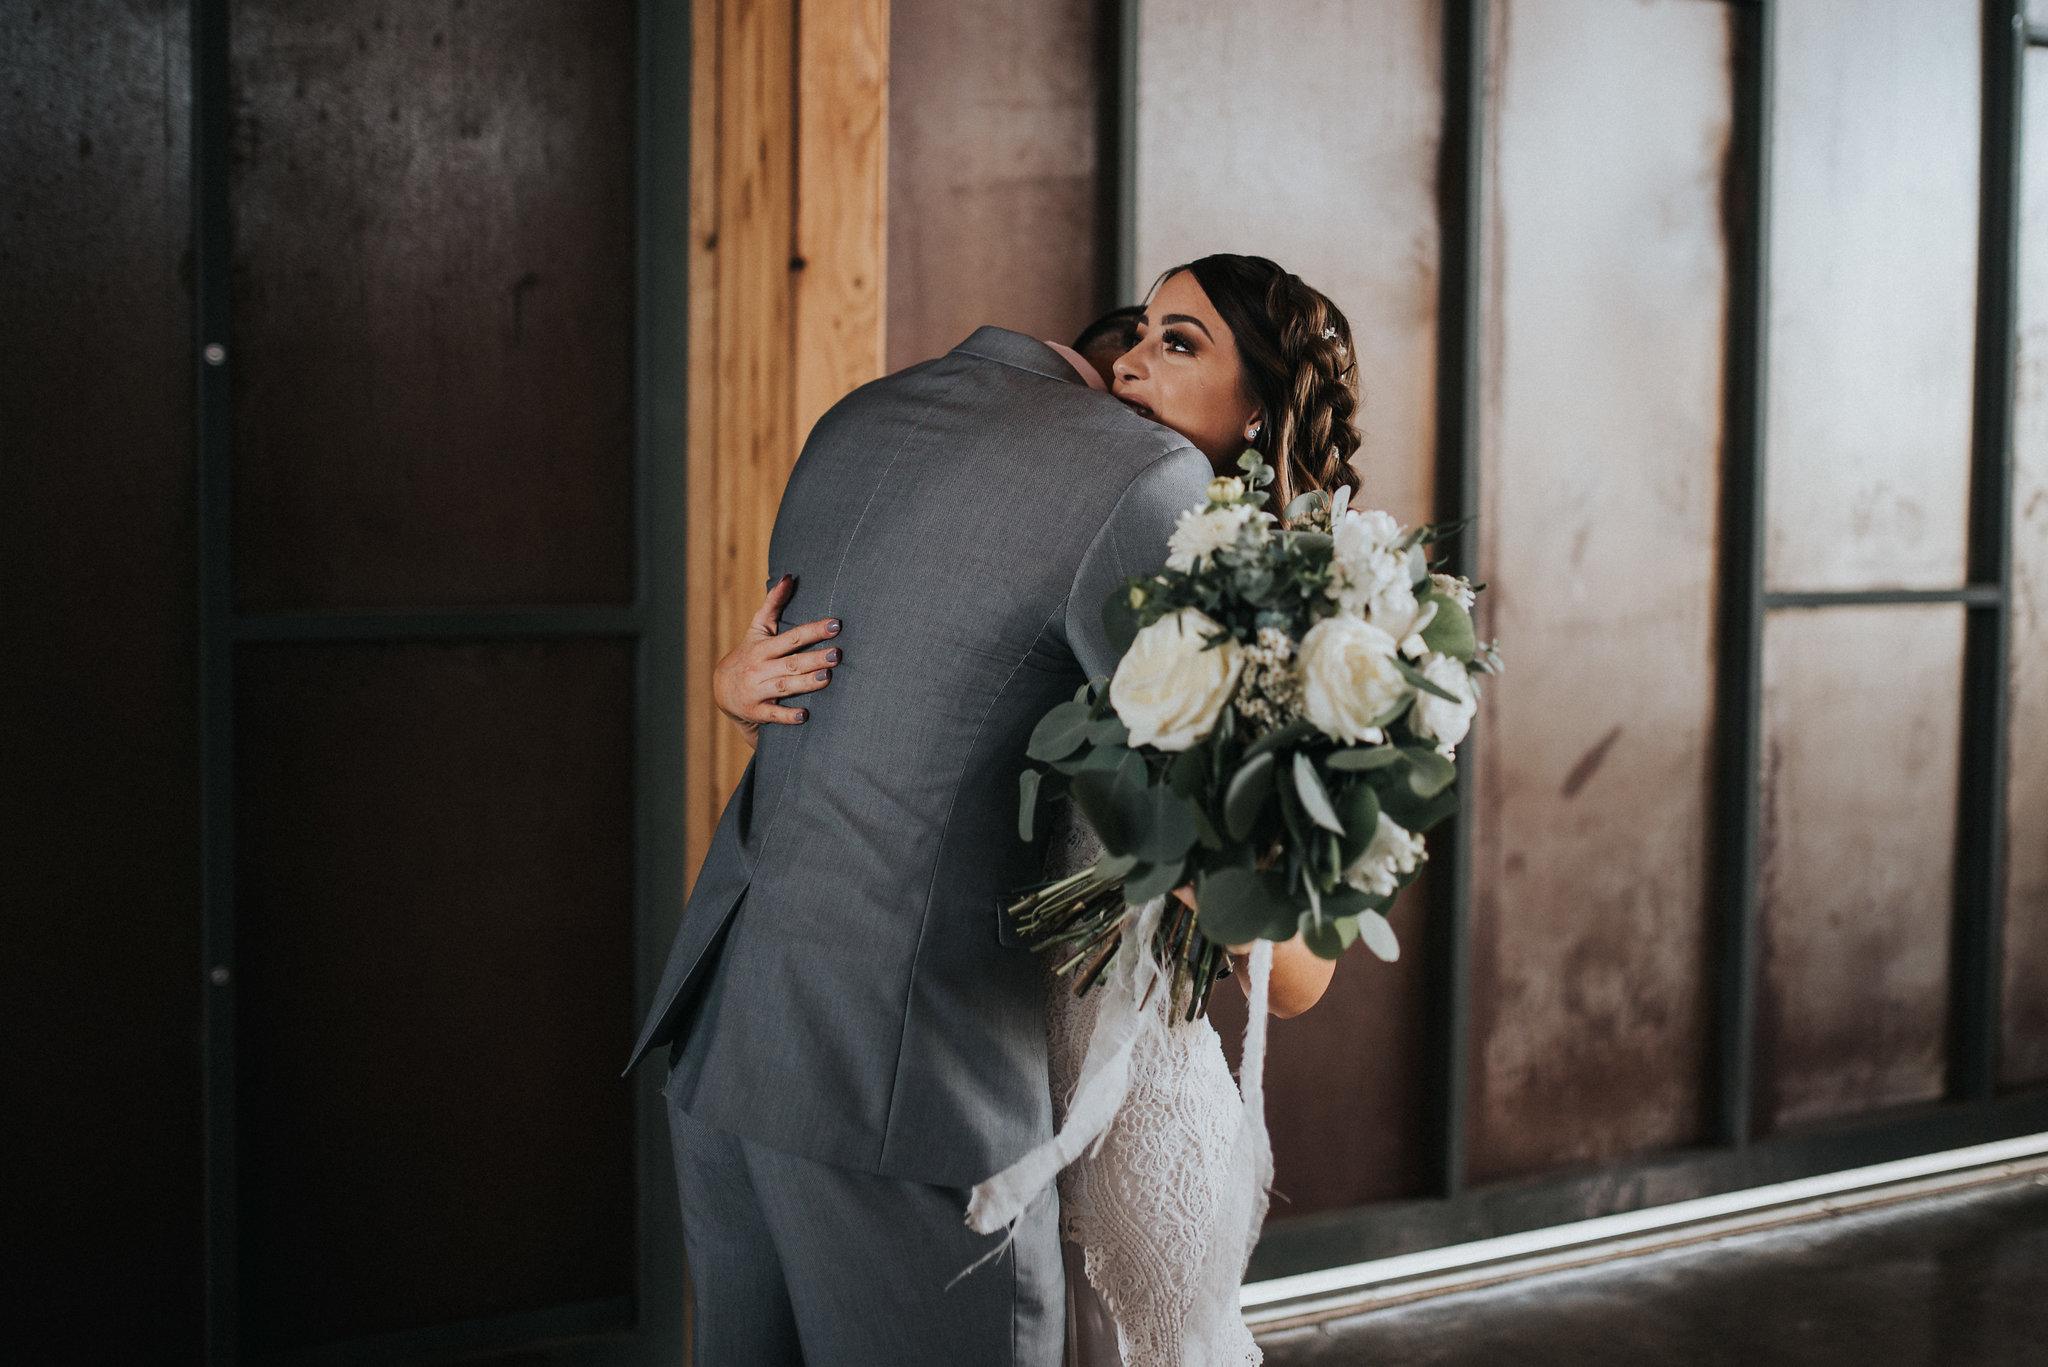 Paseo Wedding13.jpg